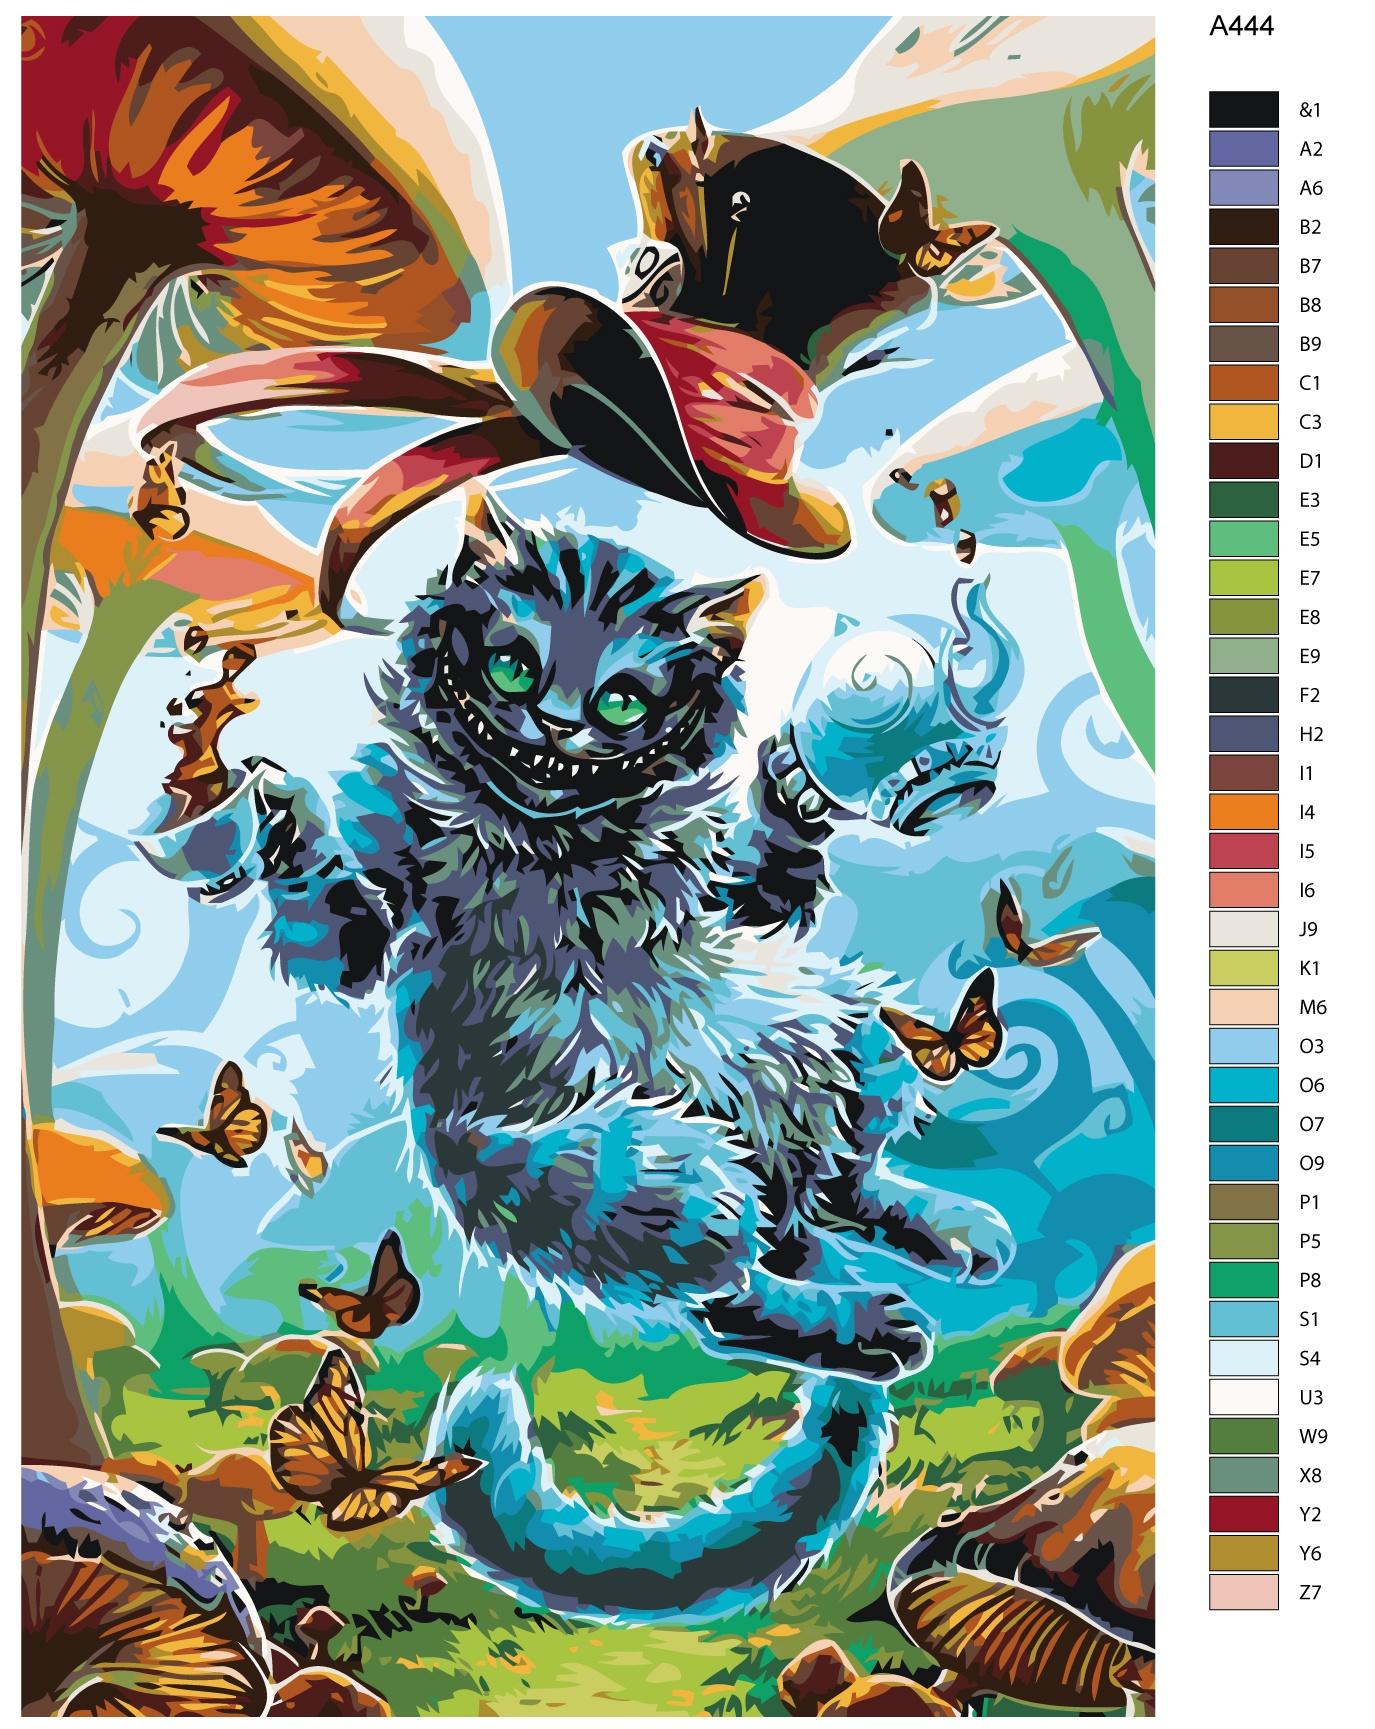 Набор для создания картины Живопись по номерам A444A444Количество красок от 18 до 24. Картина раскрашивается без смешивания красок. Высококачественные акриловые краски собственного производства сделают вашу картину яркой и уникальной. Все необходимые материалы есть в комплекте: натуральный хлопковый холст, натянутый на деревянный подрамник, баночки с акриловыми красками на водной основе, 3 кисти из качественного нейлона, схема раскрашивания, инструкция. Просто закрашивайте участки красками с соответствующим номером.